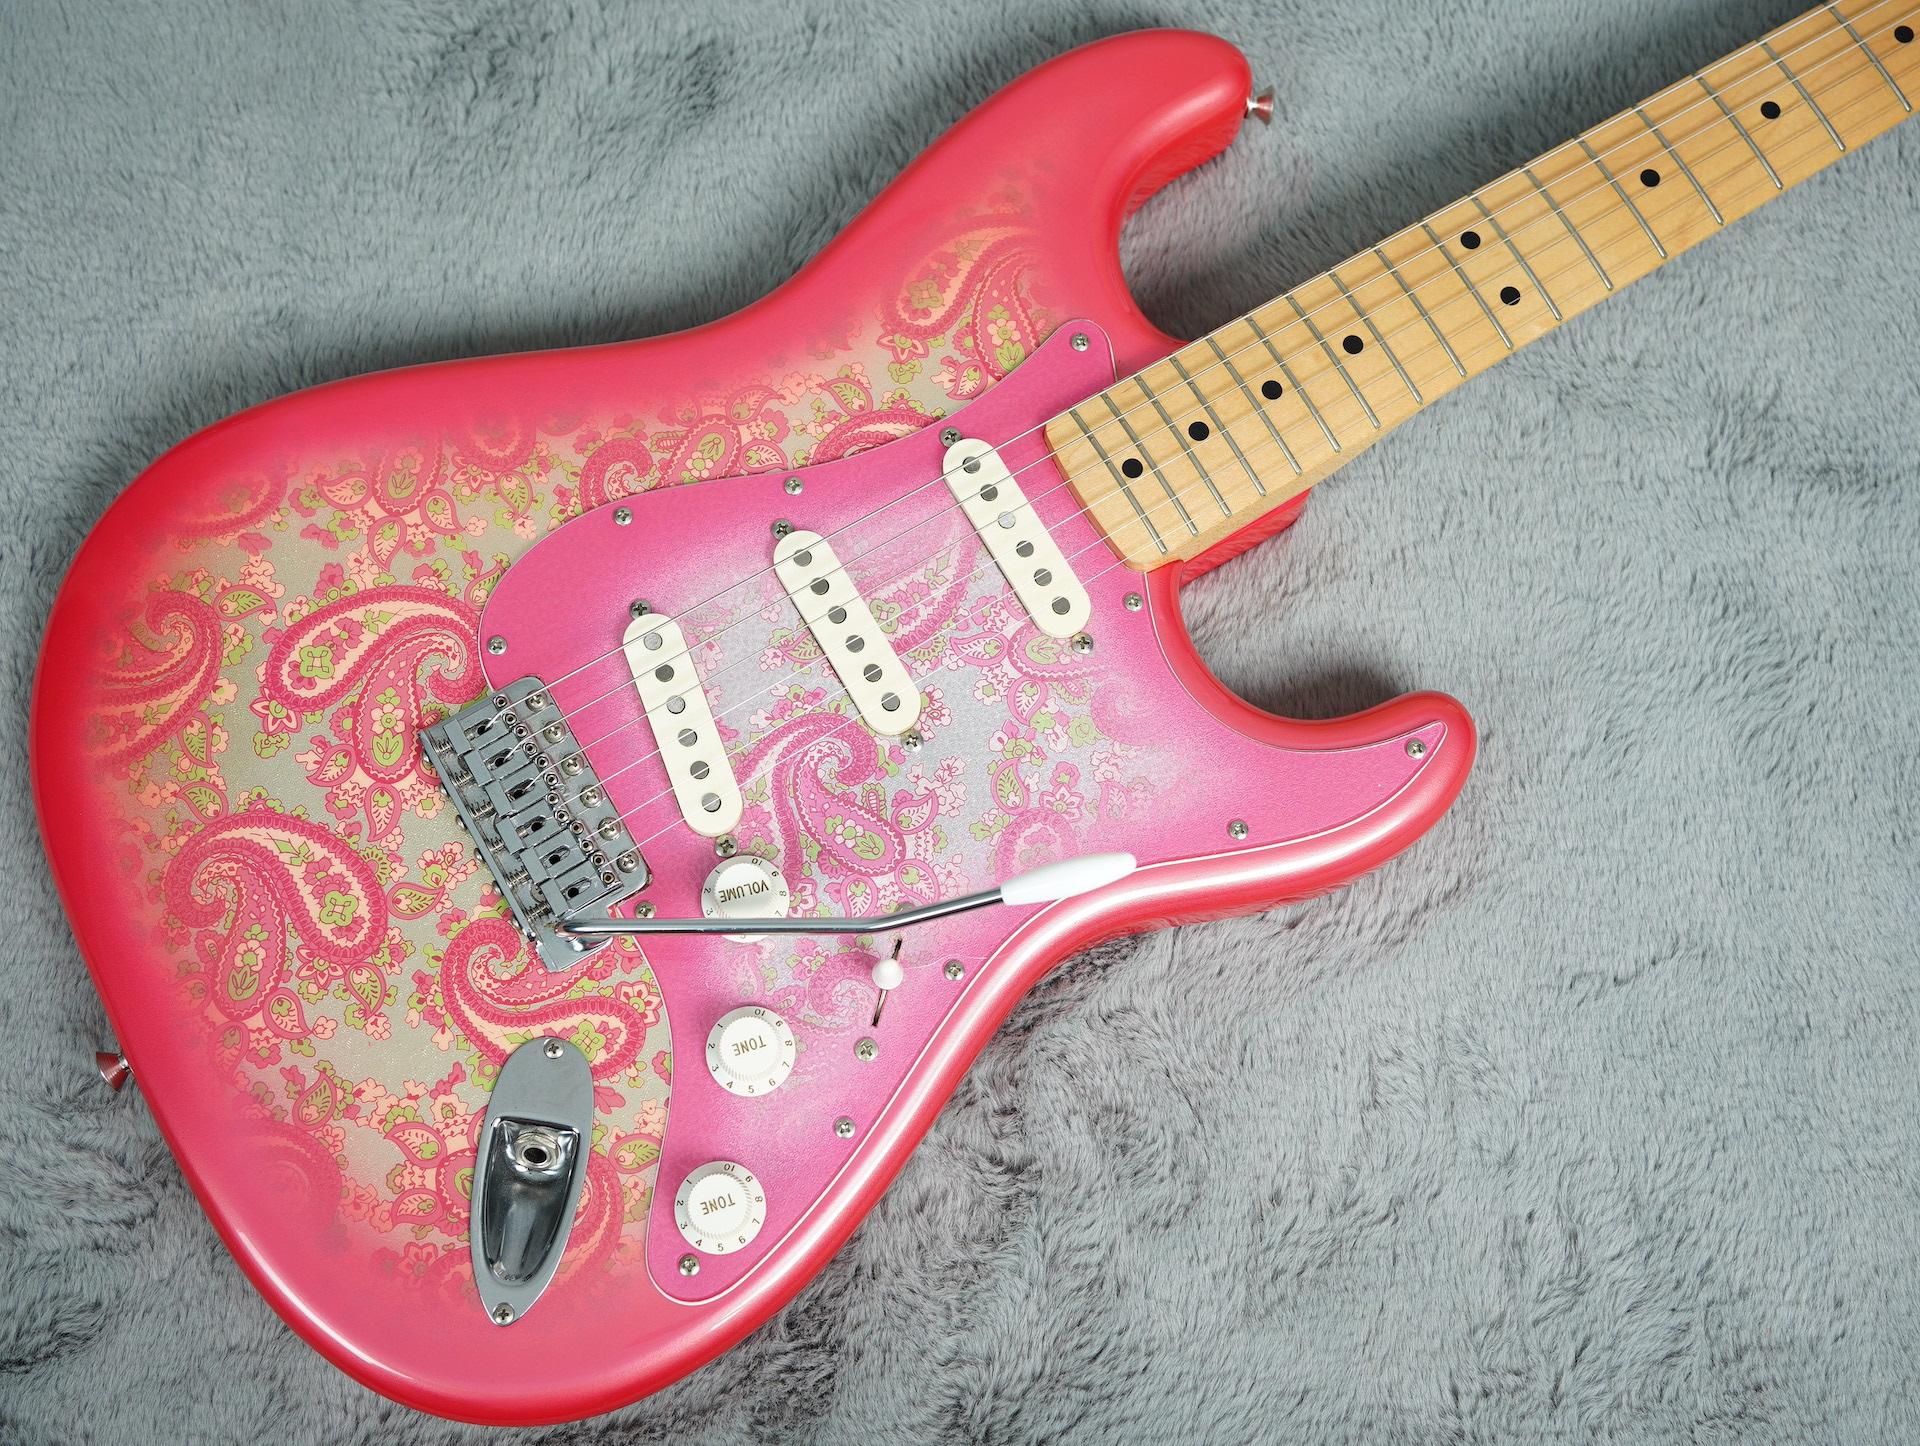 Mid 80's Fender Stratocaster Paisley Reissue MIJ + HSC